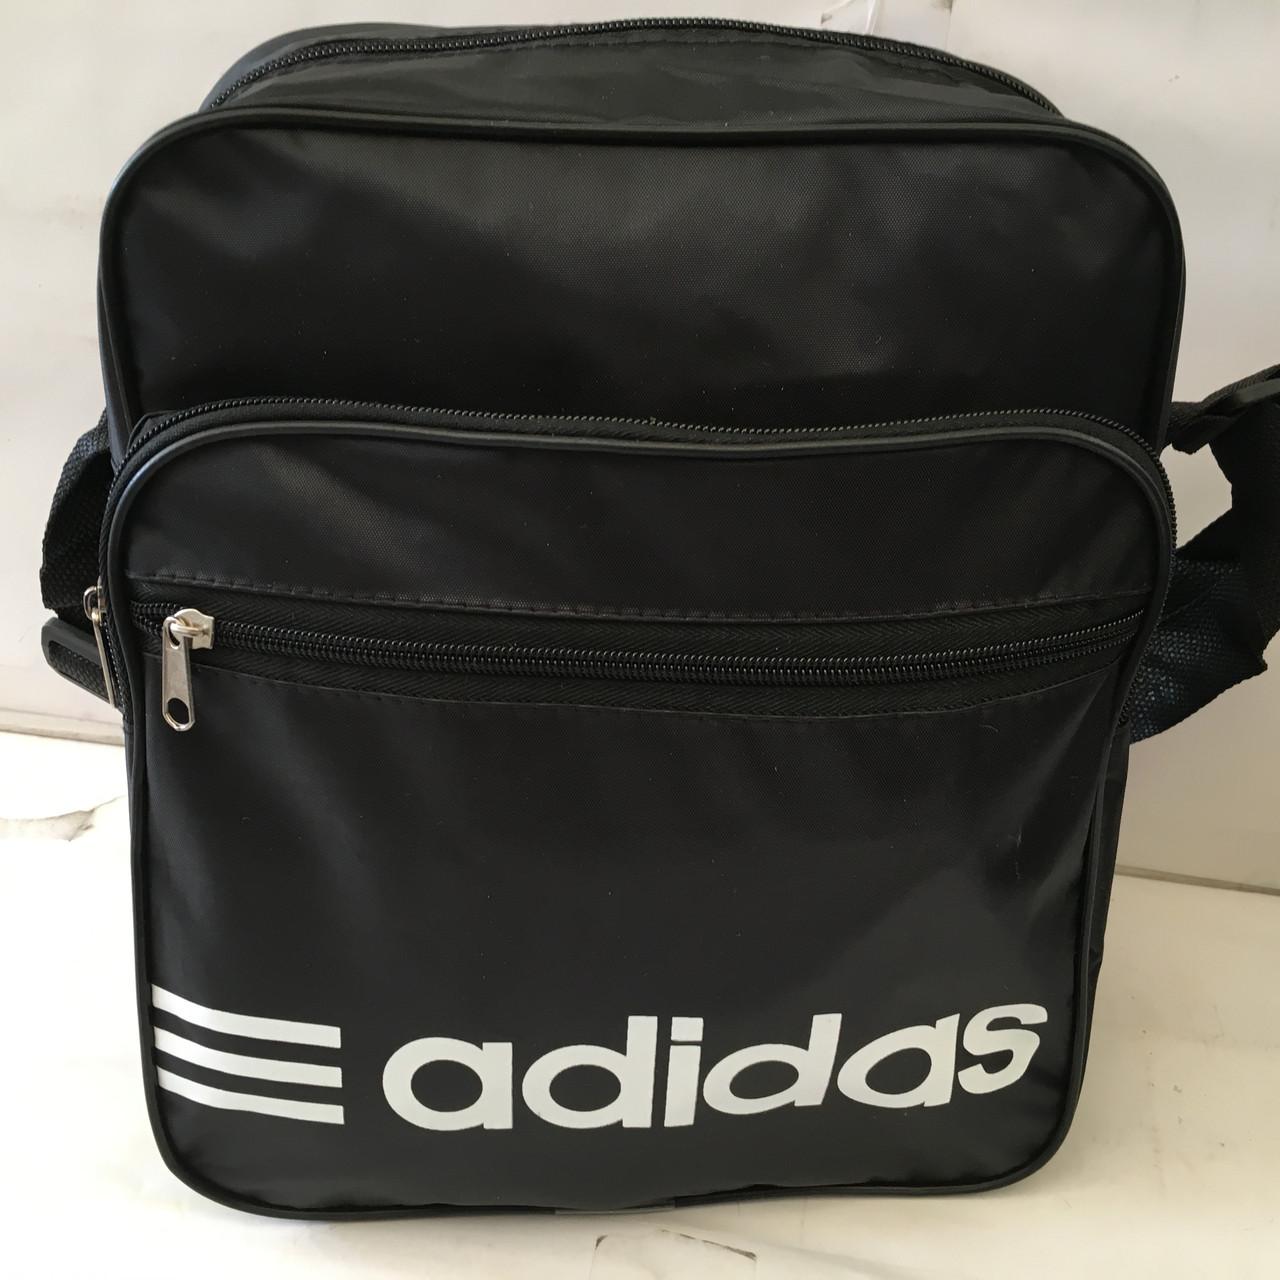 e48762a1ef29 Сумка для ноутбука Adidas (Адидас), планшета, кошелек, ассортимент (прямые  продажи ) только ОПТ